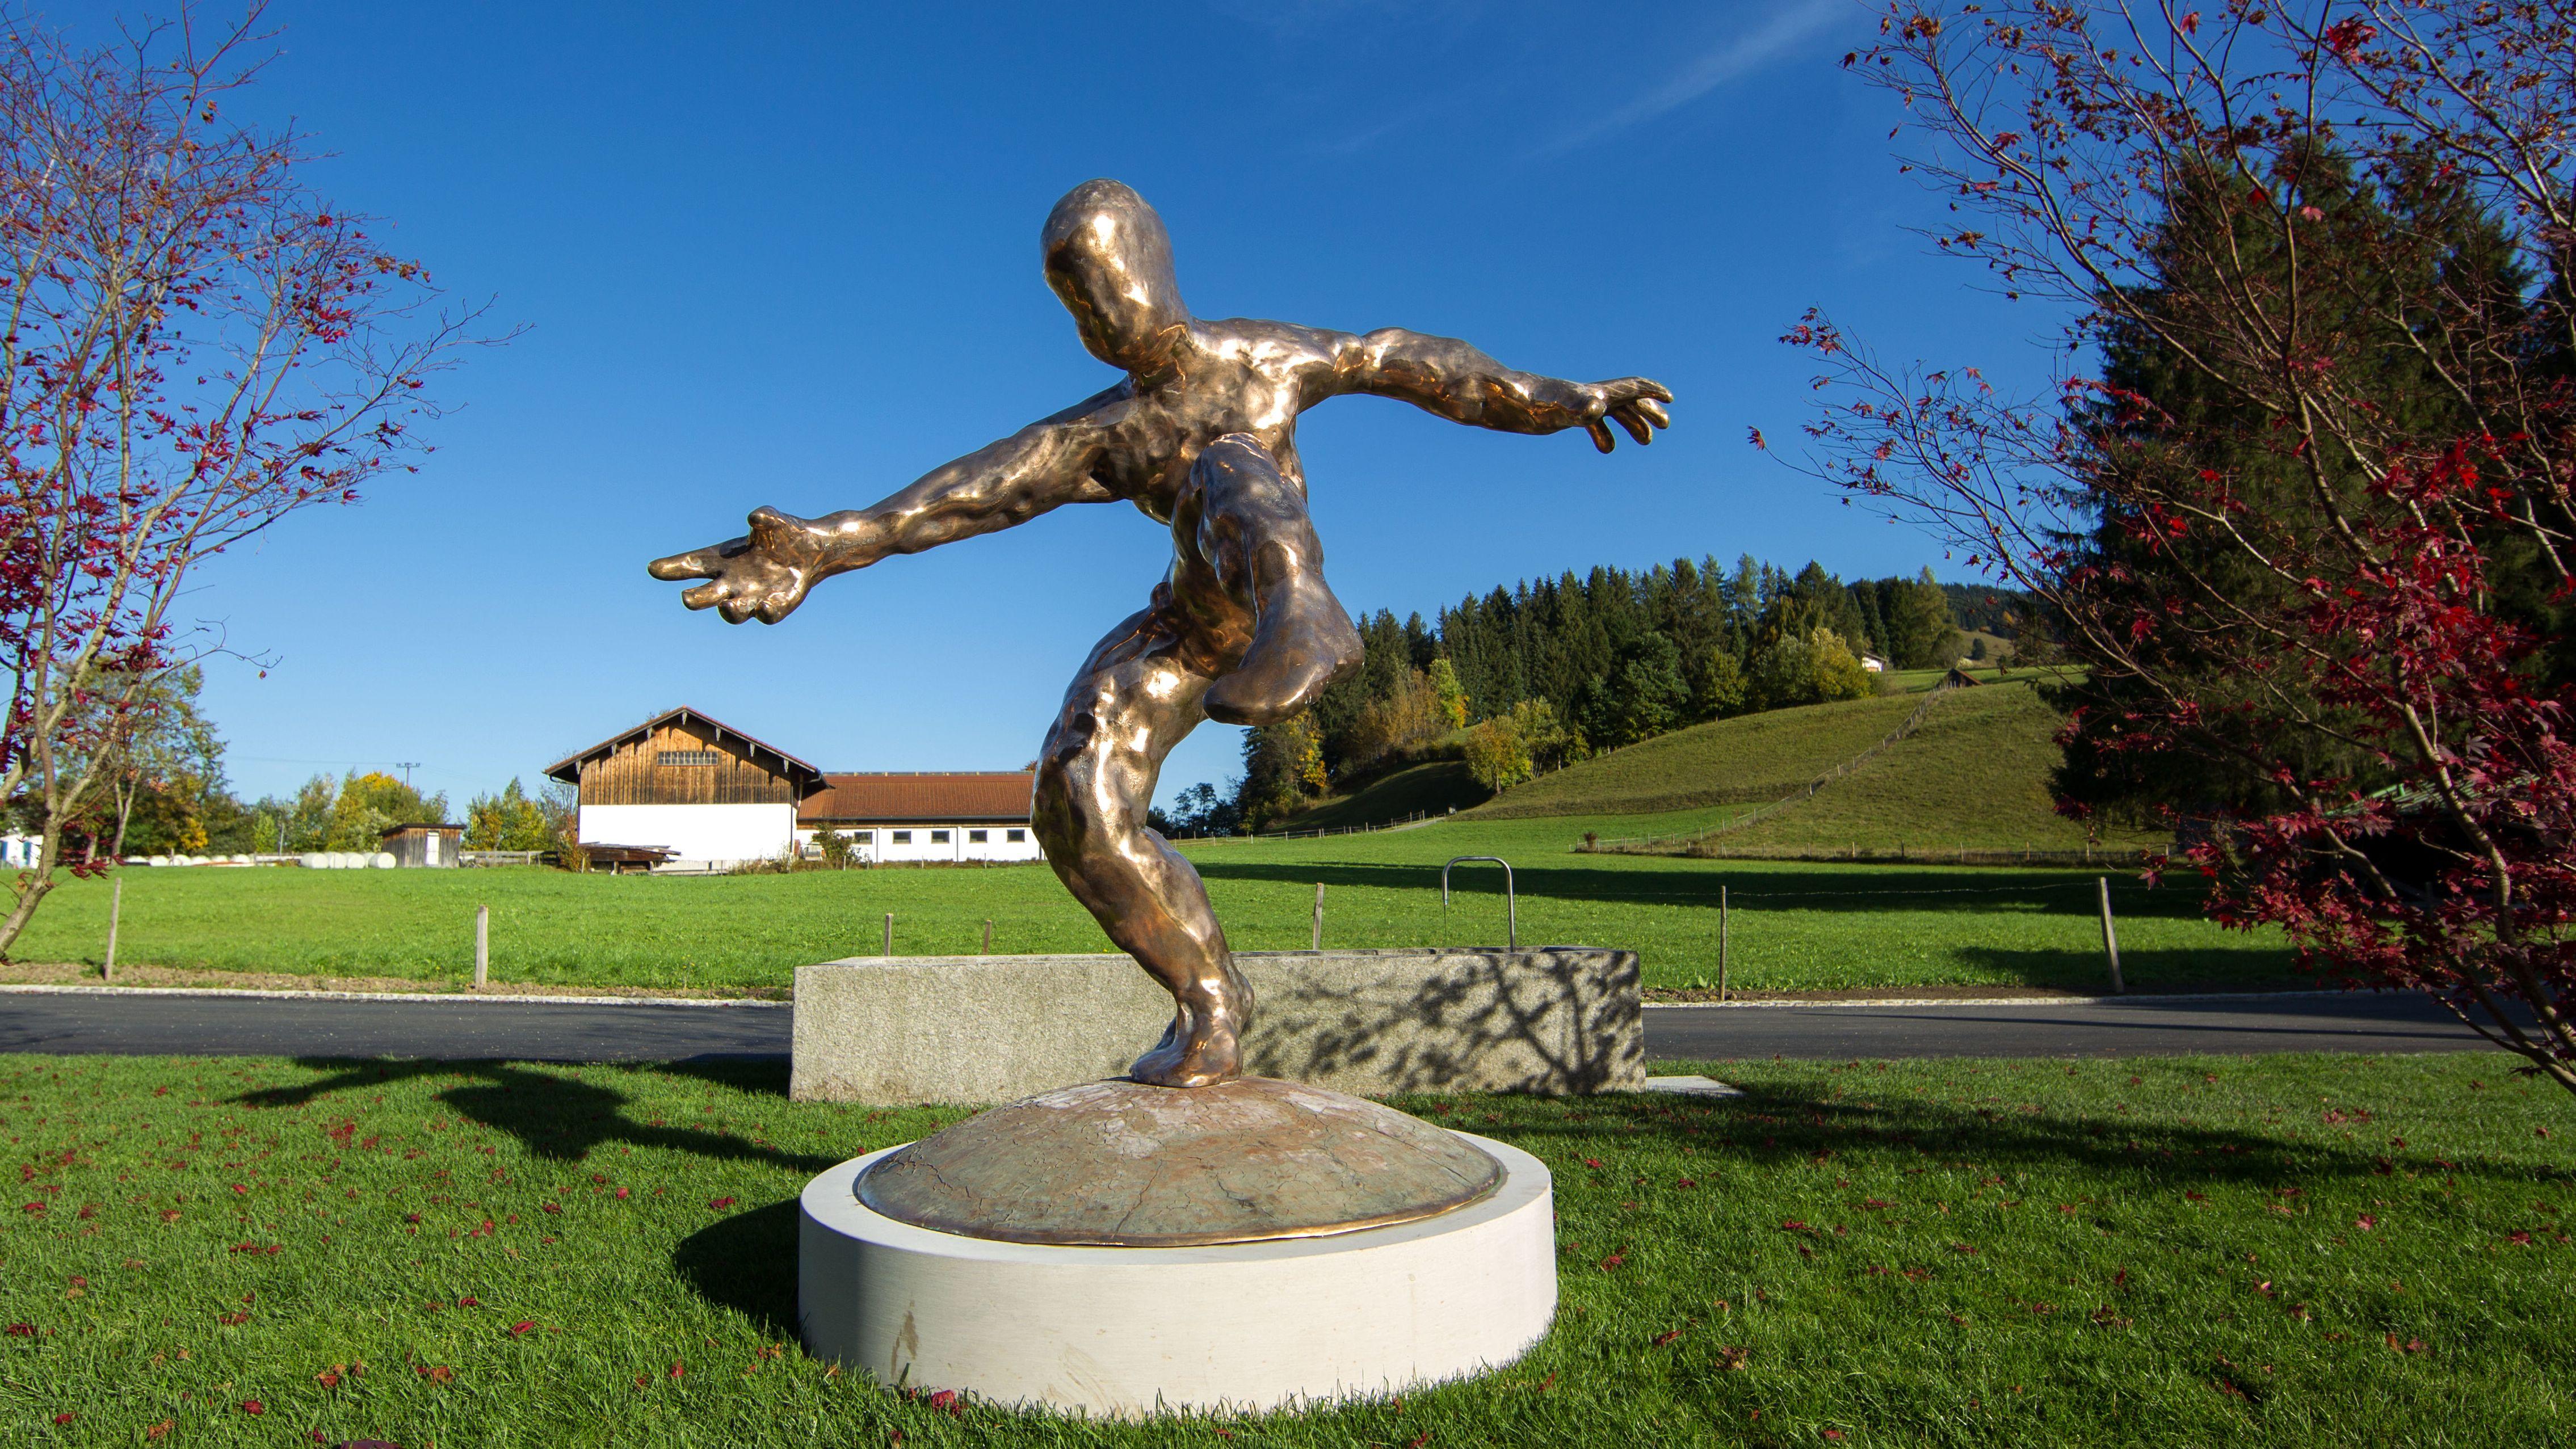 Skulptur auf dem Gelände.